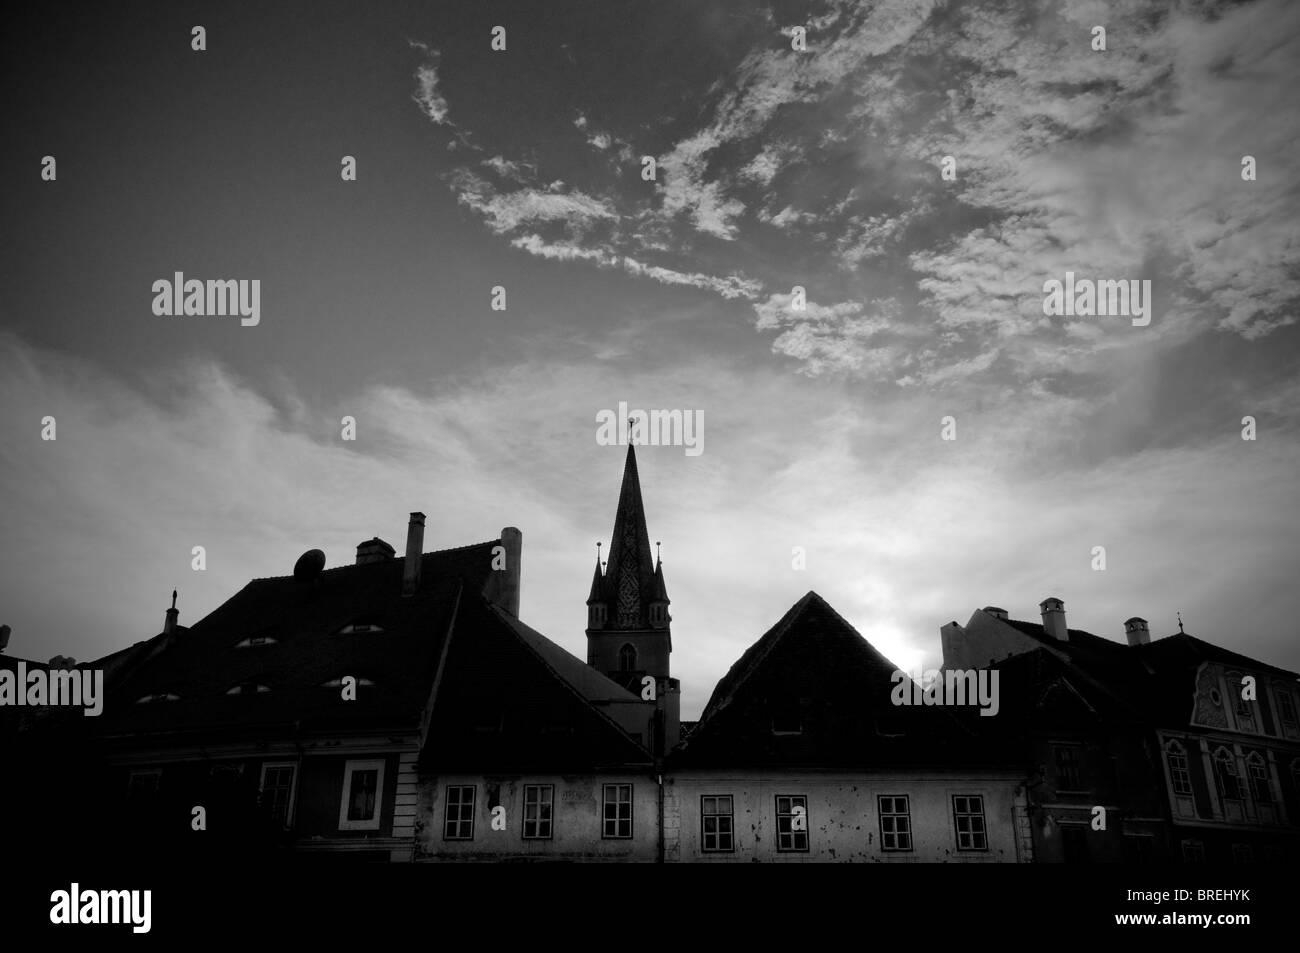 Romania, Transylvania Sibiu. Sunset - Stock Image